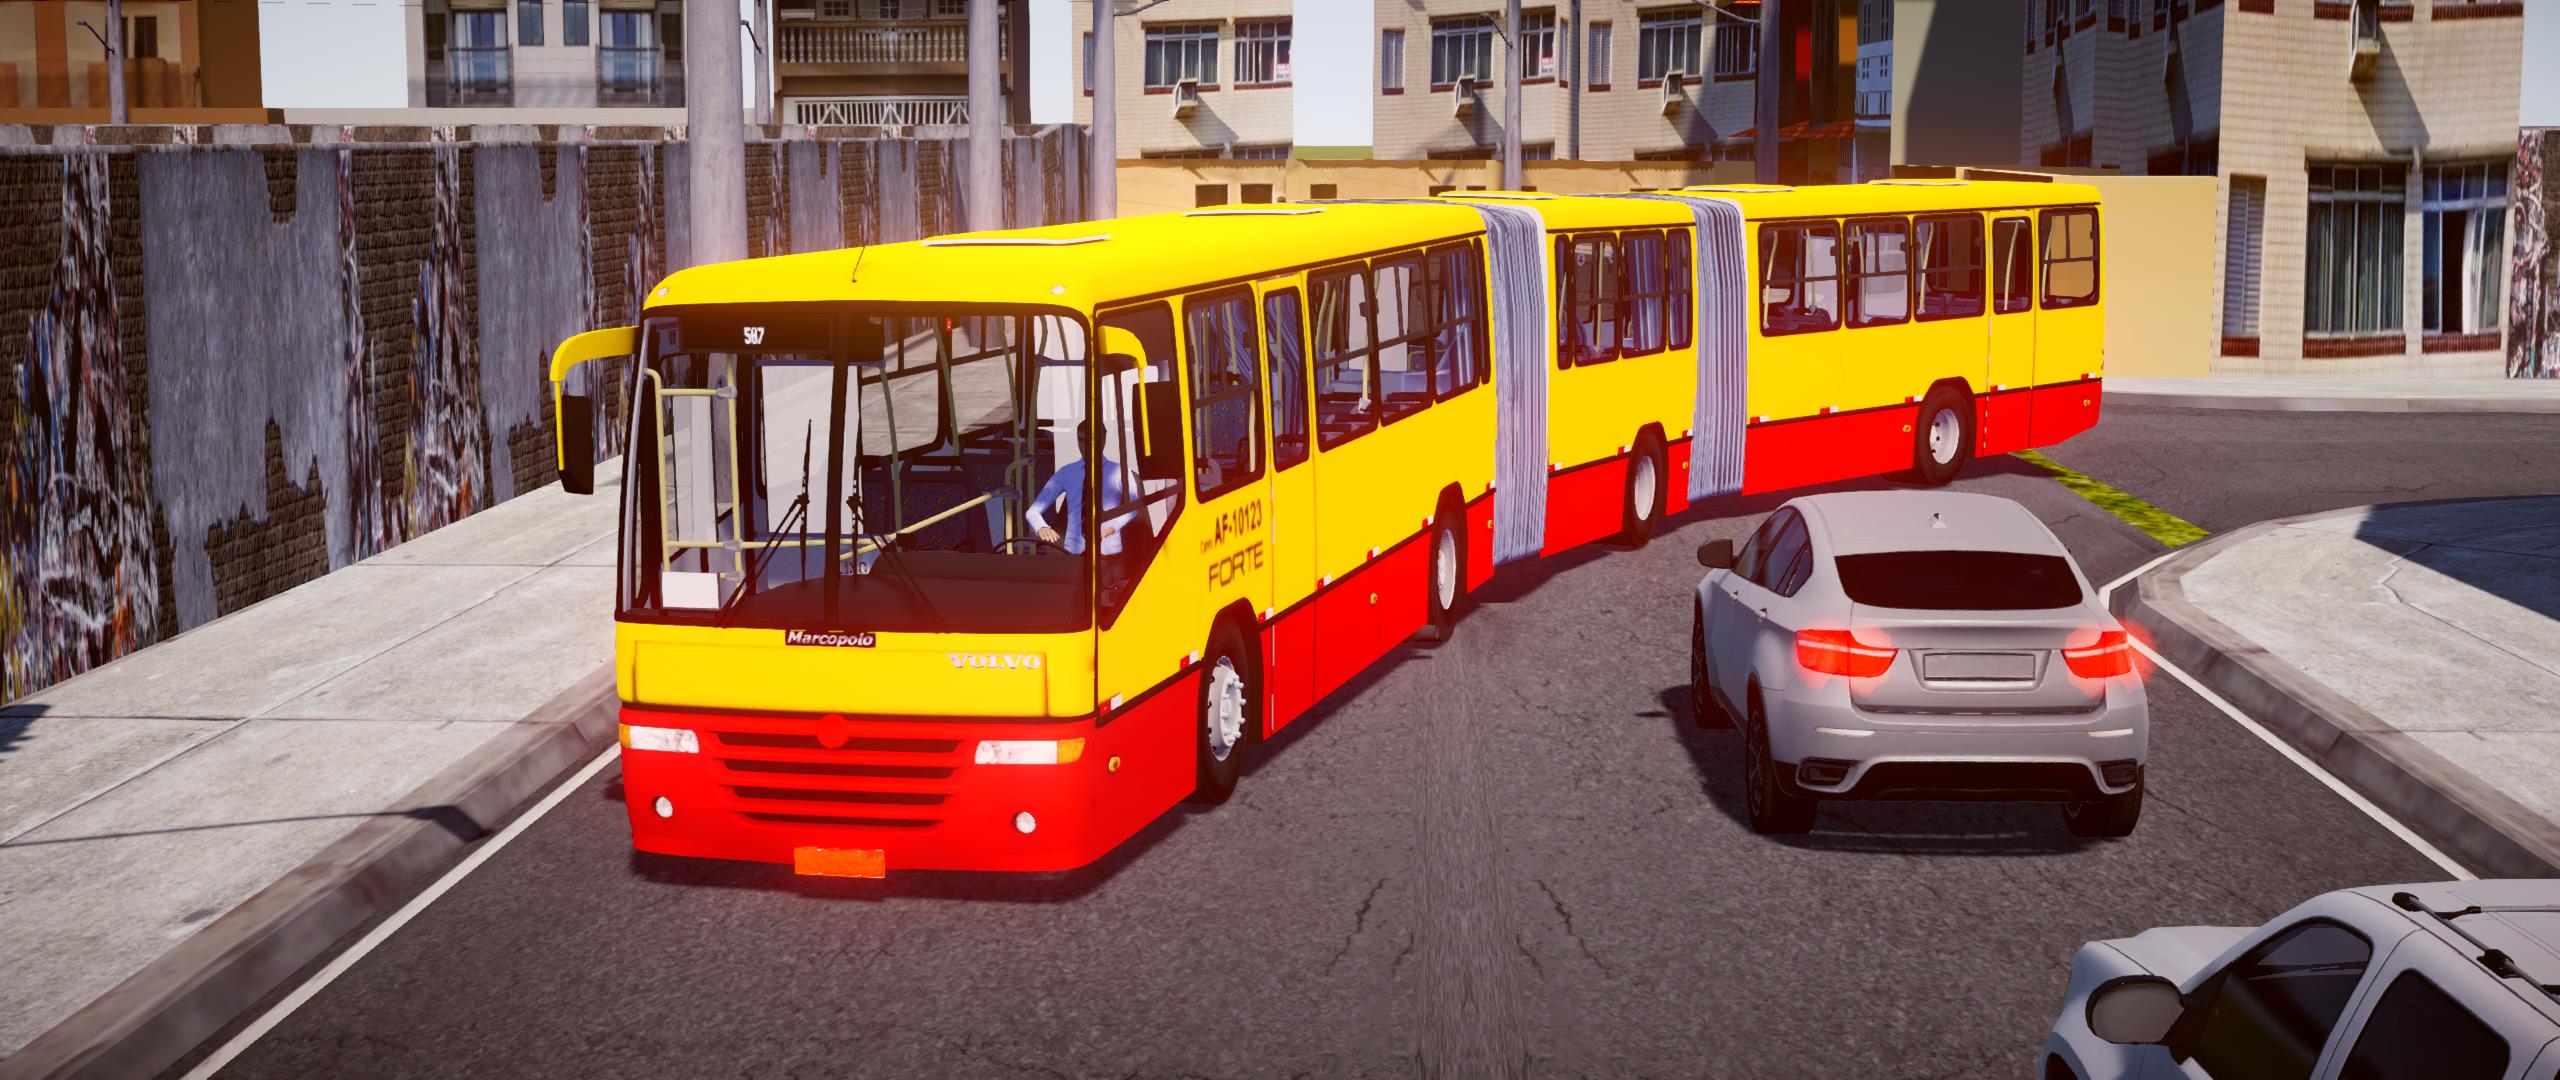 Marcopolo Torino LS 1999 Biarticulado Volvo B10M – Padrão Curitiba (Fase 2 de mods) para Proton Bus Simulator